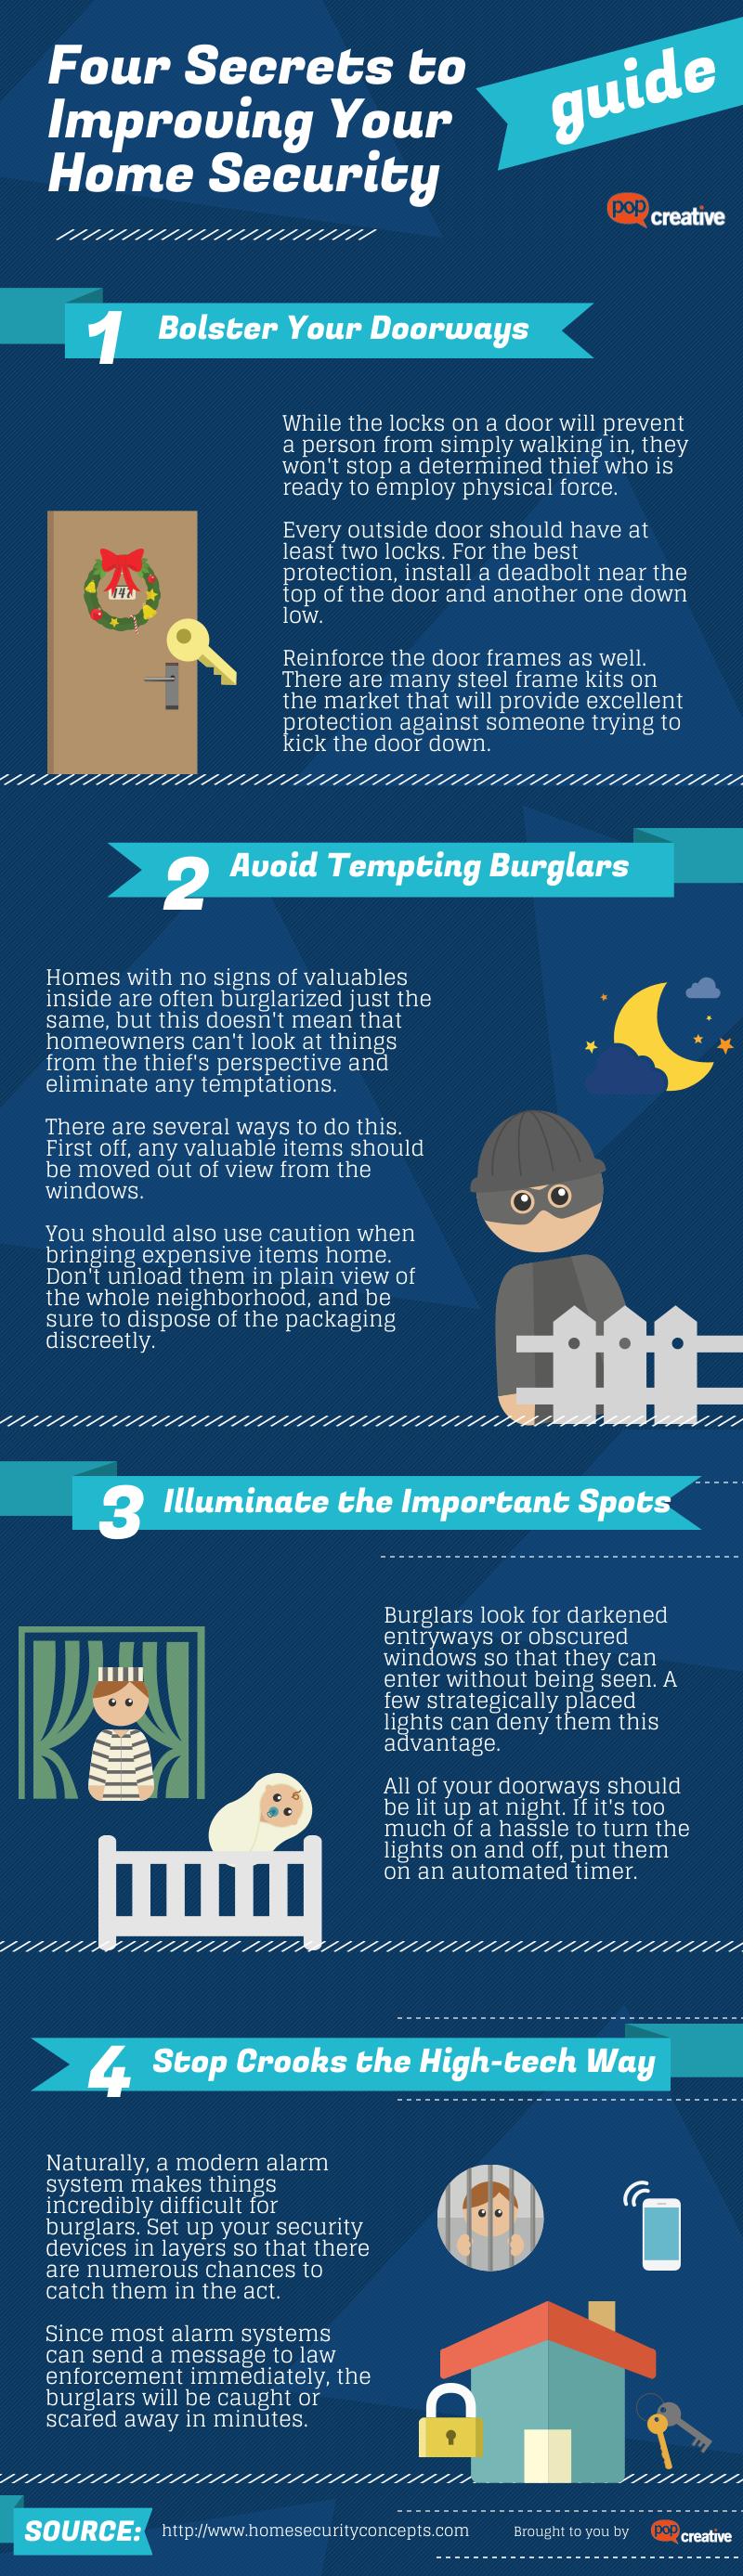 Four Secrets to Improving Home